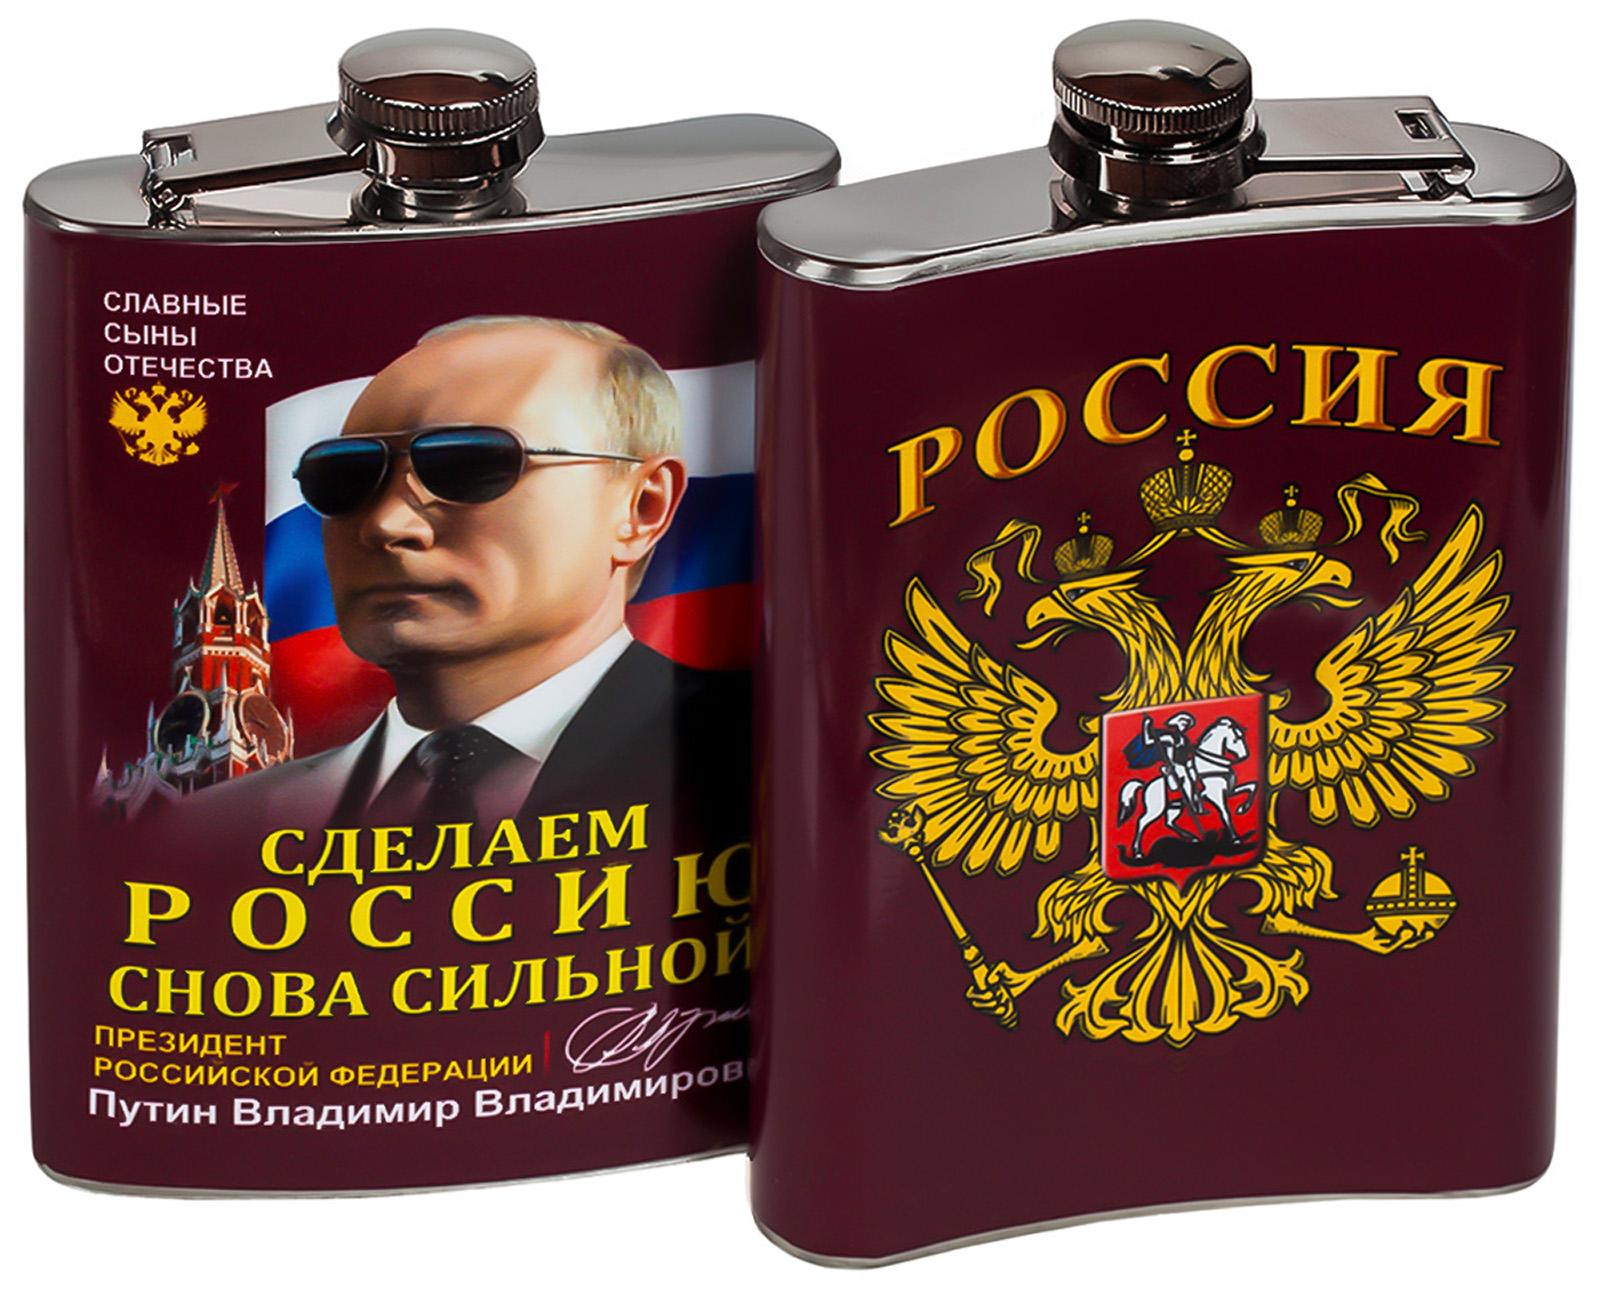 Купить фляжку с портретом Путина В.В. с доставкой и самовывозом